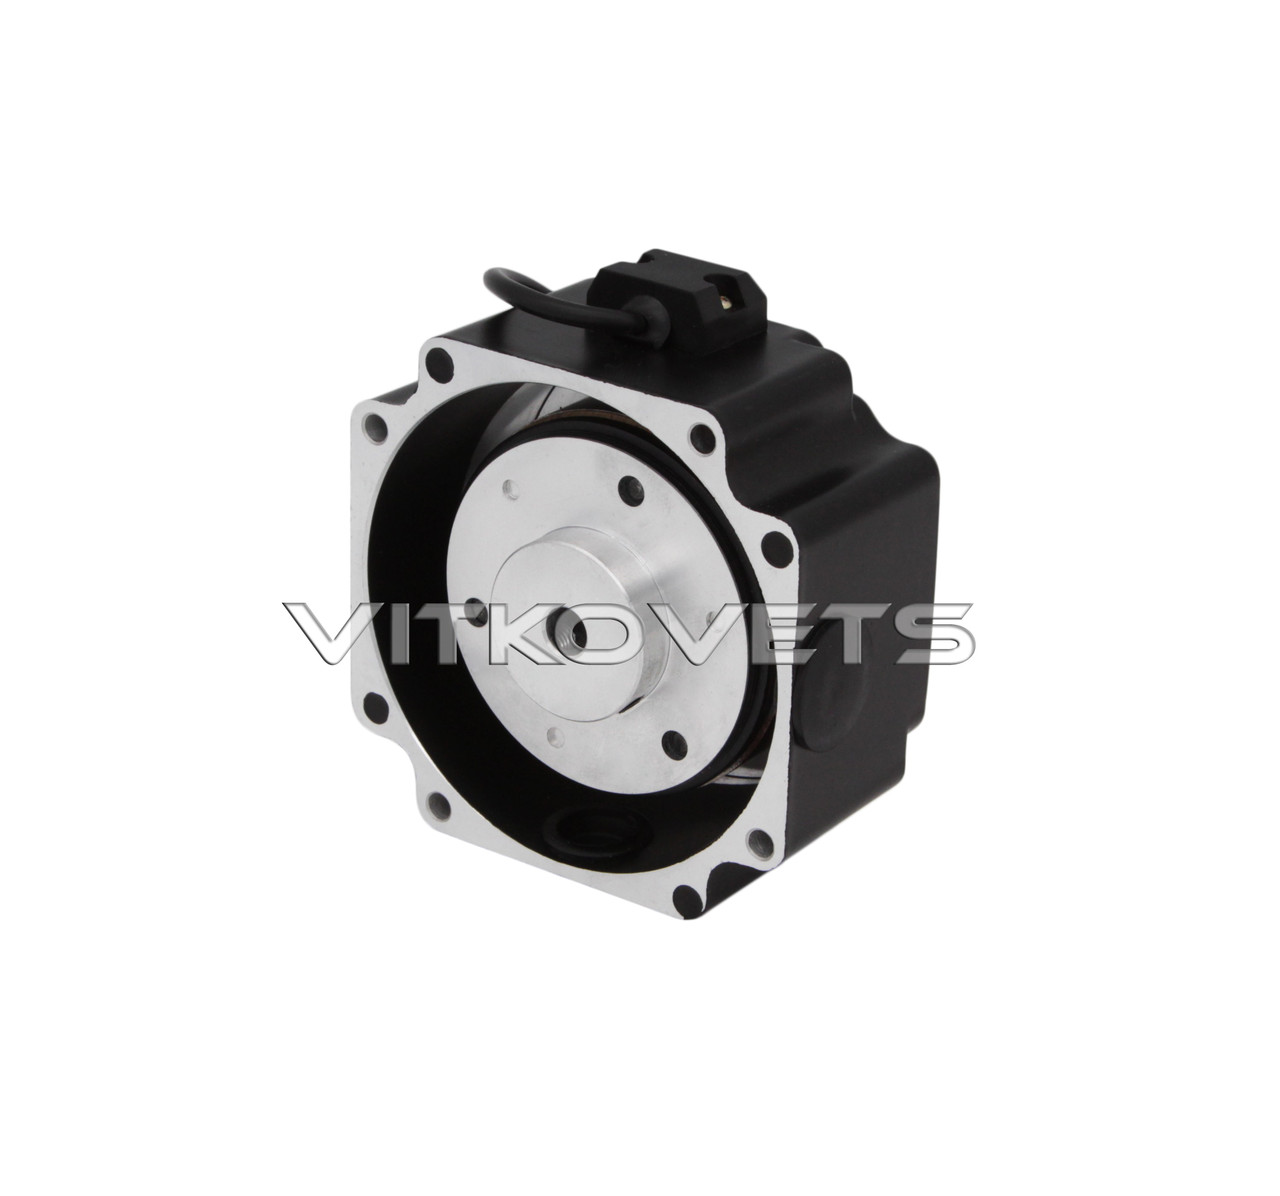 Электромагнитный тормоз для шагового двигателя BSM-6.5, 6.5Nm, NEMA34